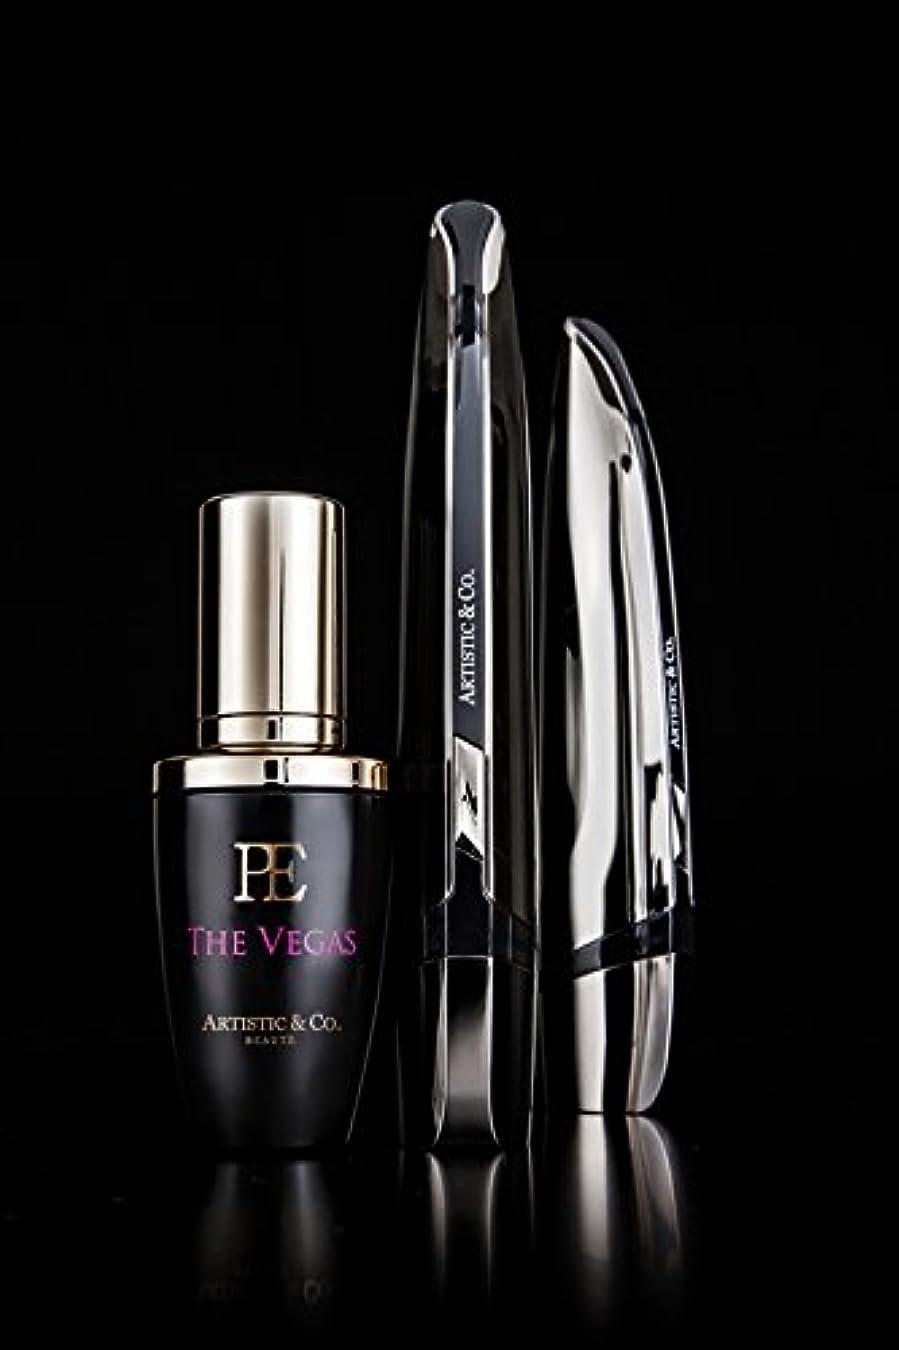 『プレミアムセット』Dr.Arrivo THE VEGAS(ドクターアリーヴォ ザ ベガス)A&C VEGAS 美顔器 美容液(30ml) 専用ポーチ セット